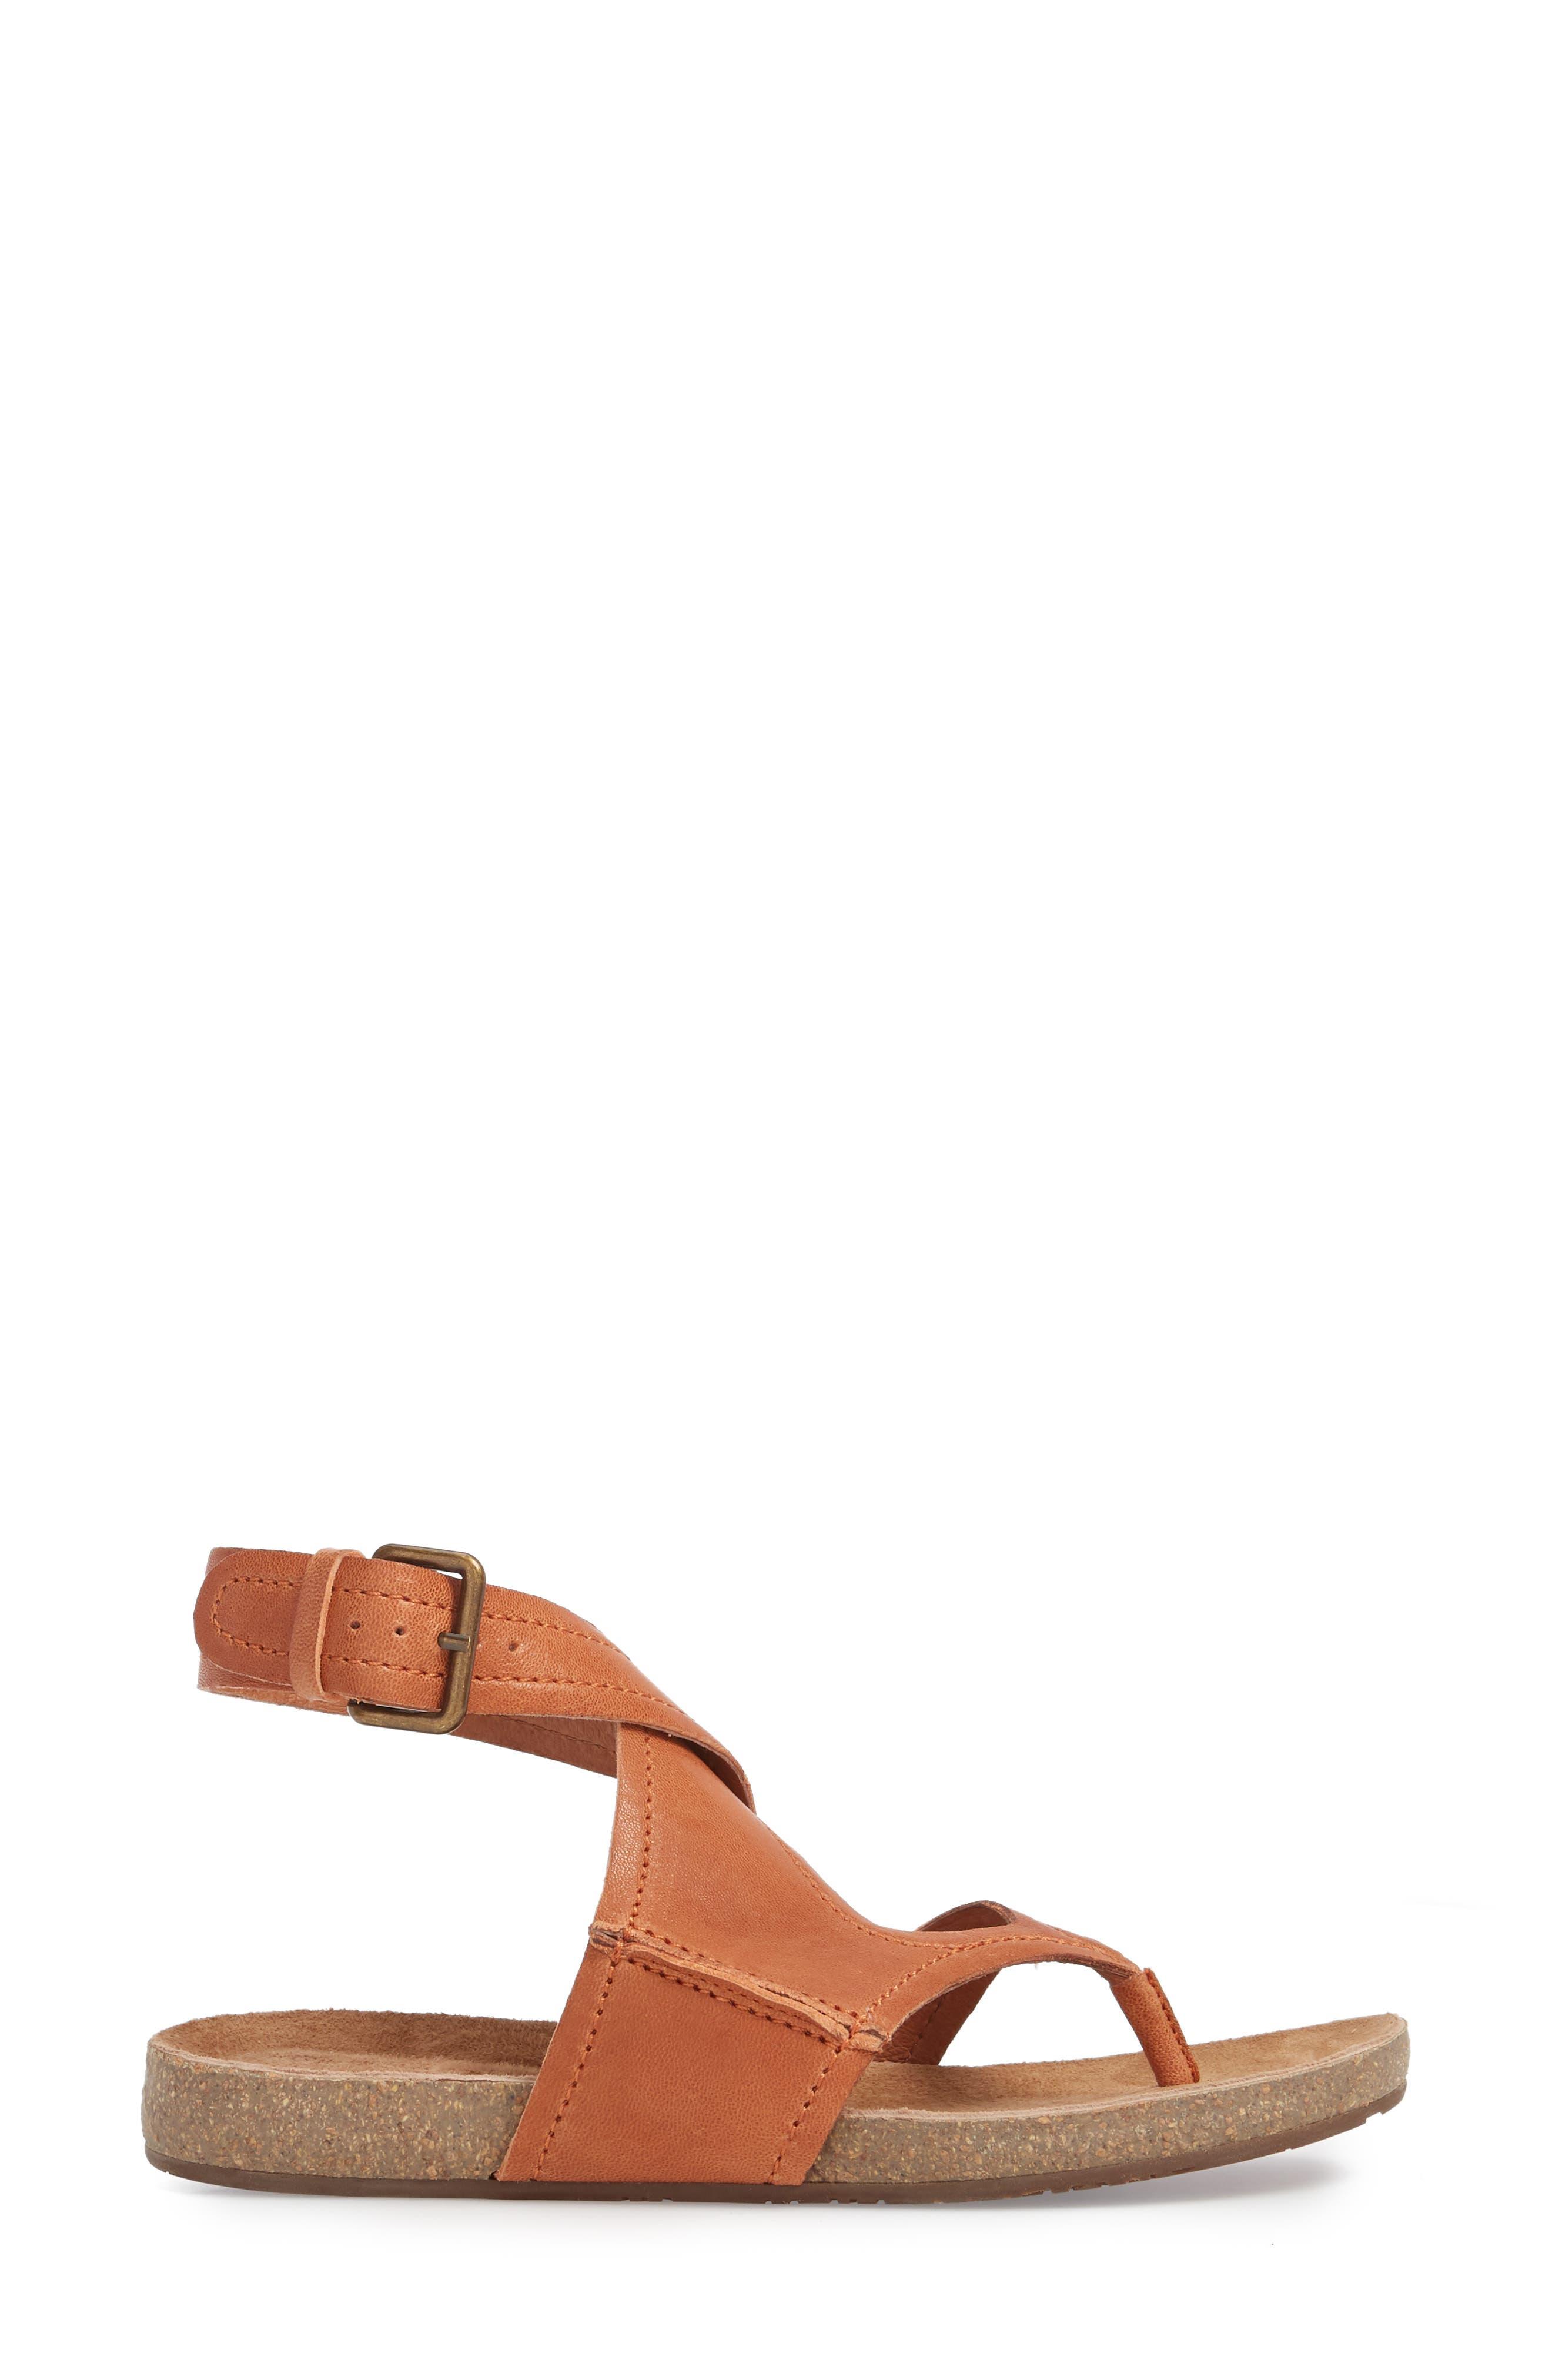 Alternate Image 3  - Chocolat Blu Yagger Sandal (Women)